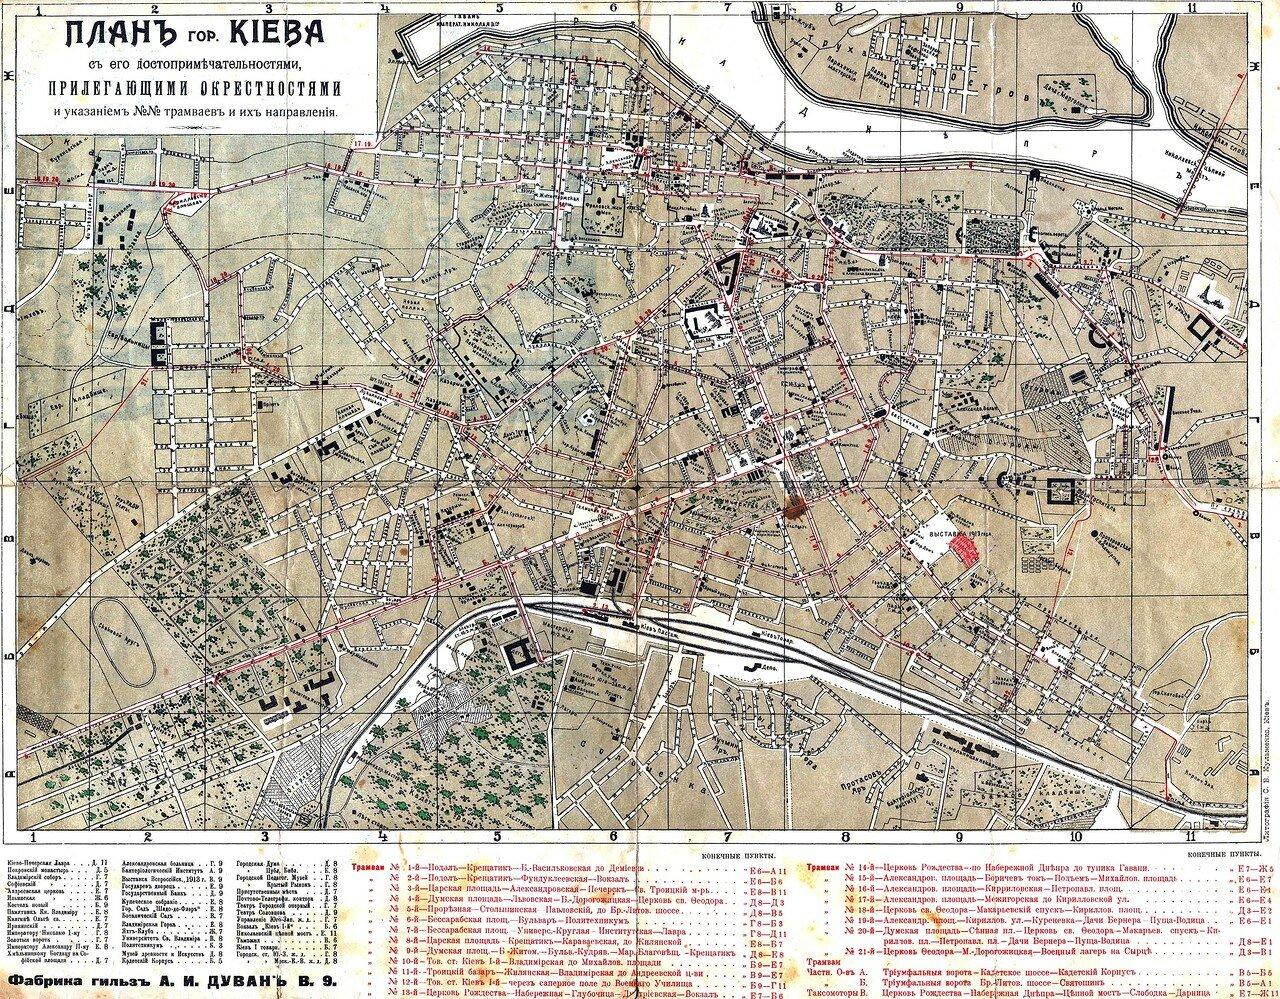 1913. План Киева с его достопримечательностями, прилегающими окрестностями и указанием номеров трамваев и их направления